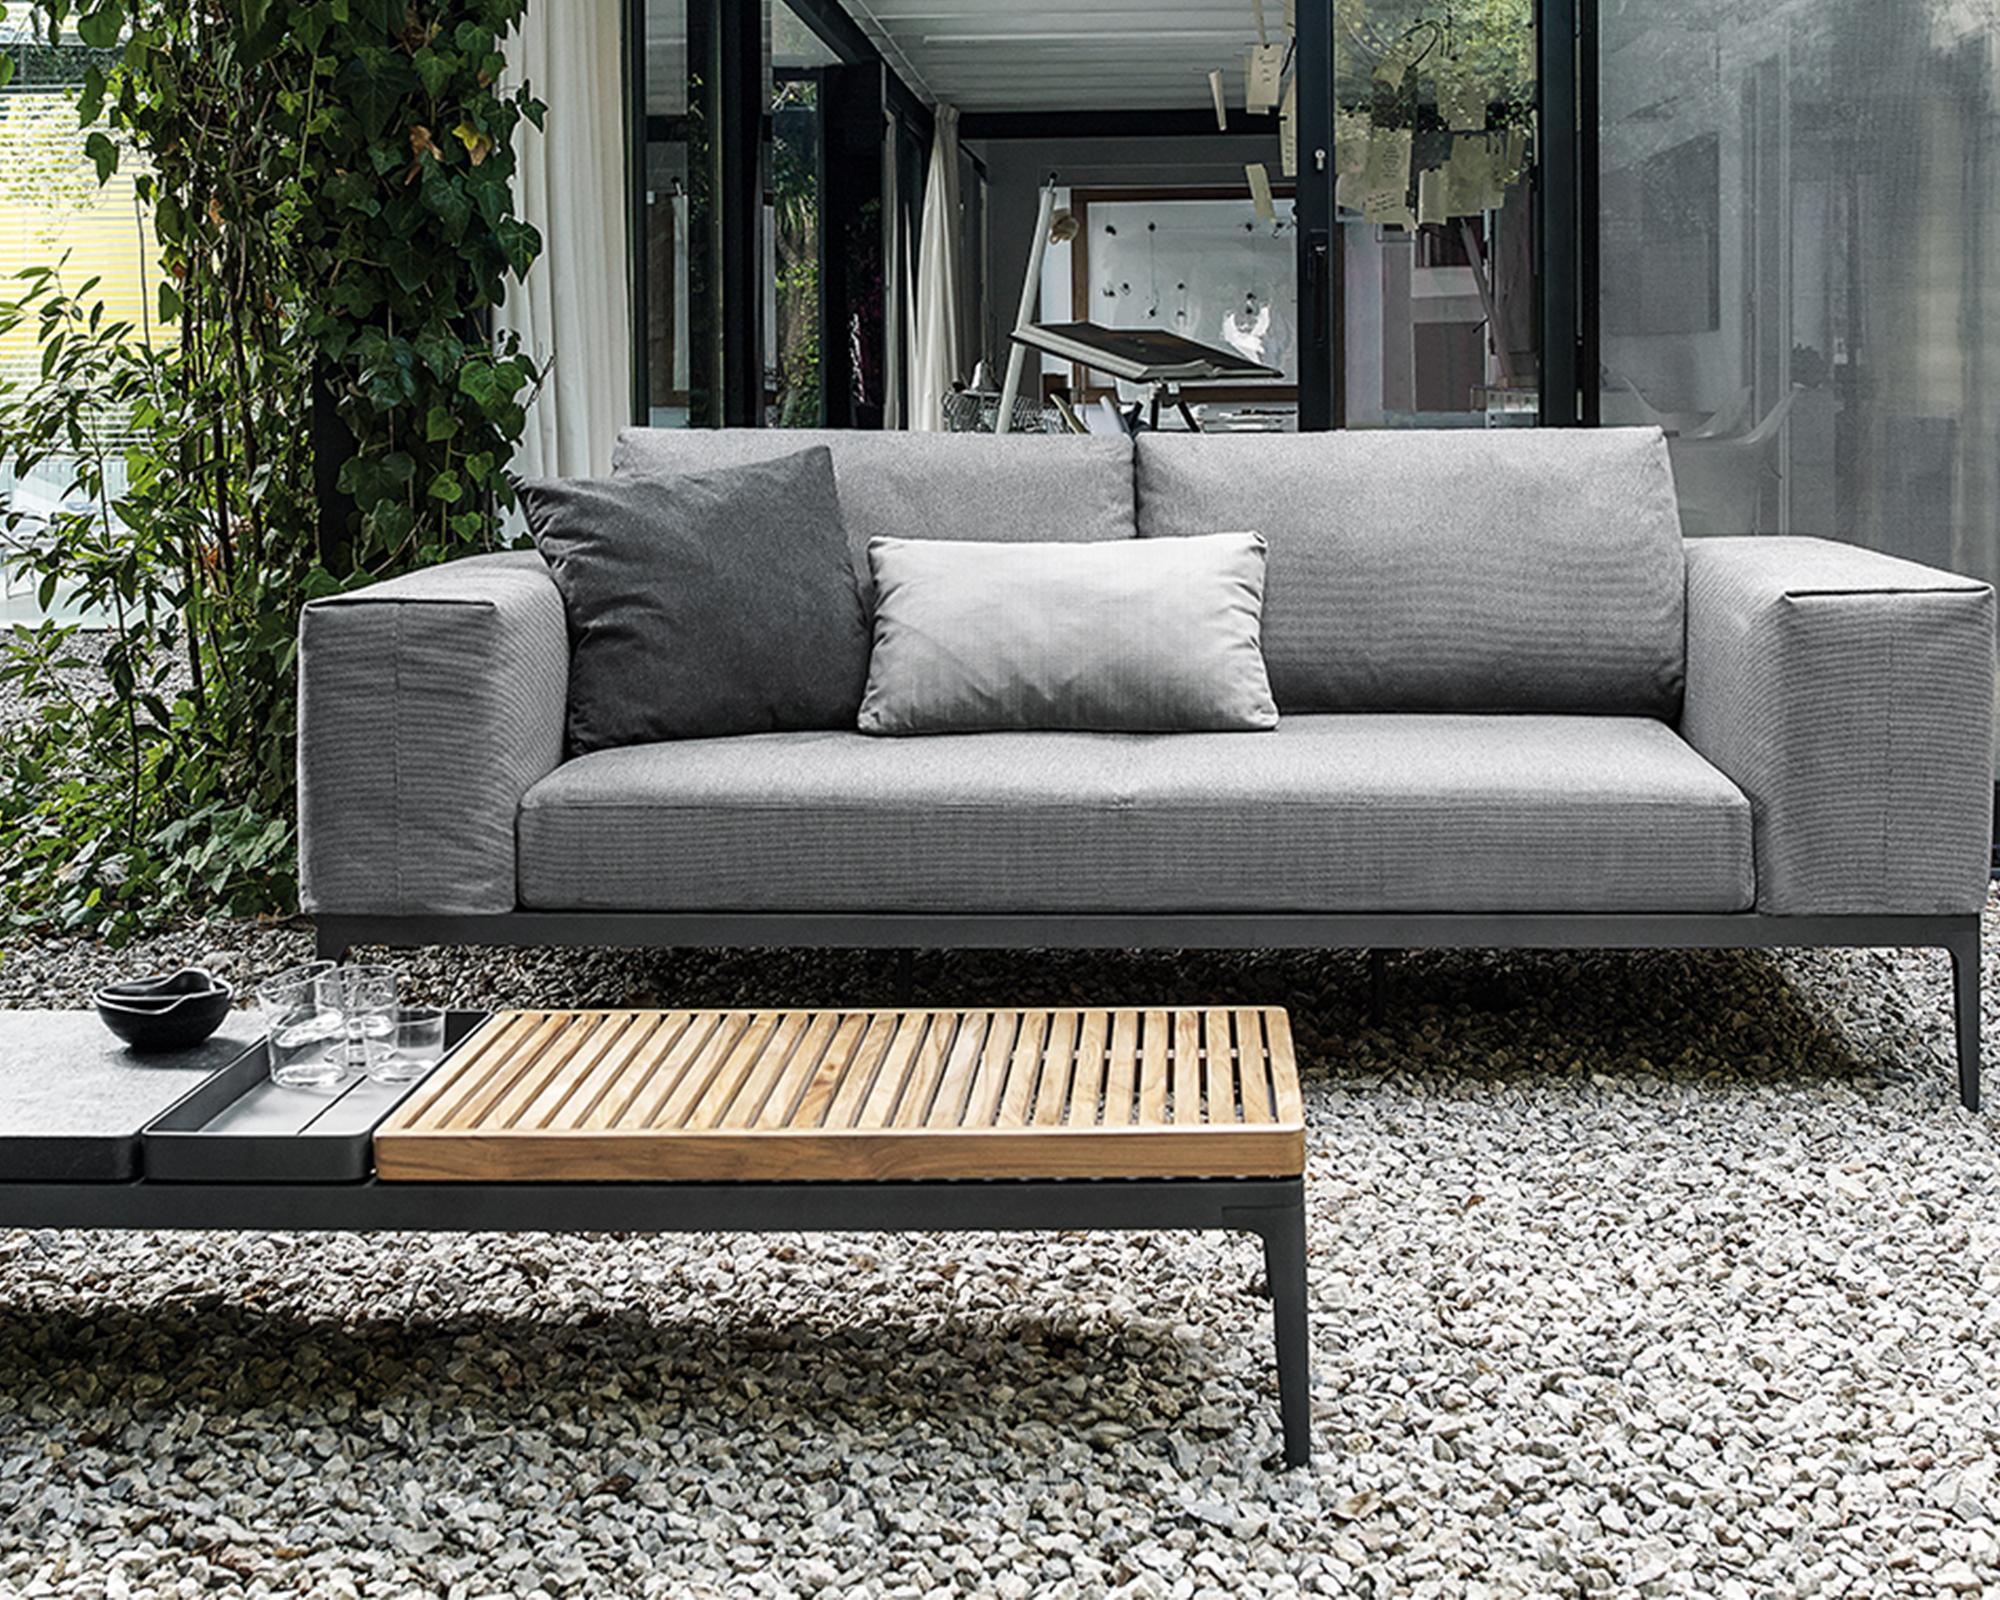 garten lounge sofa klein grid meteor online ausstellung. Black Bedroom Furniture Sets. Home Design Ideas